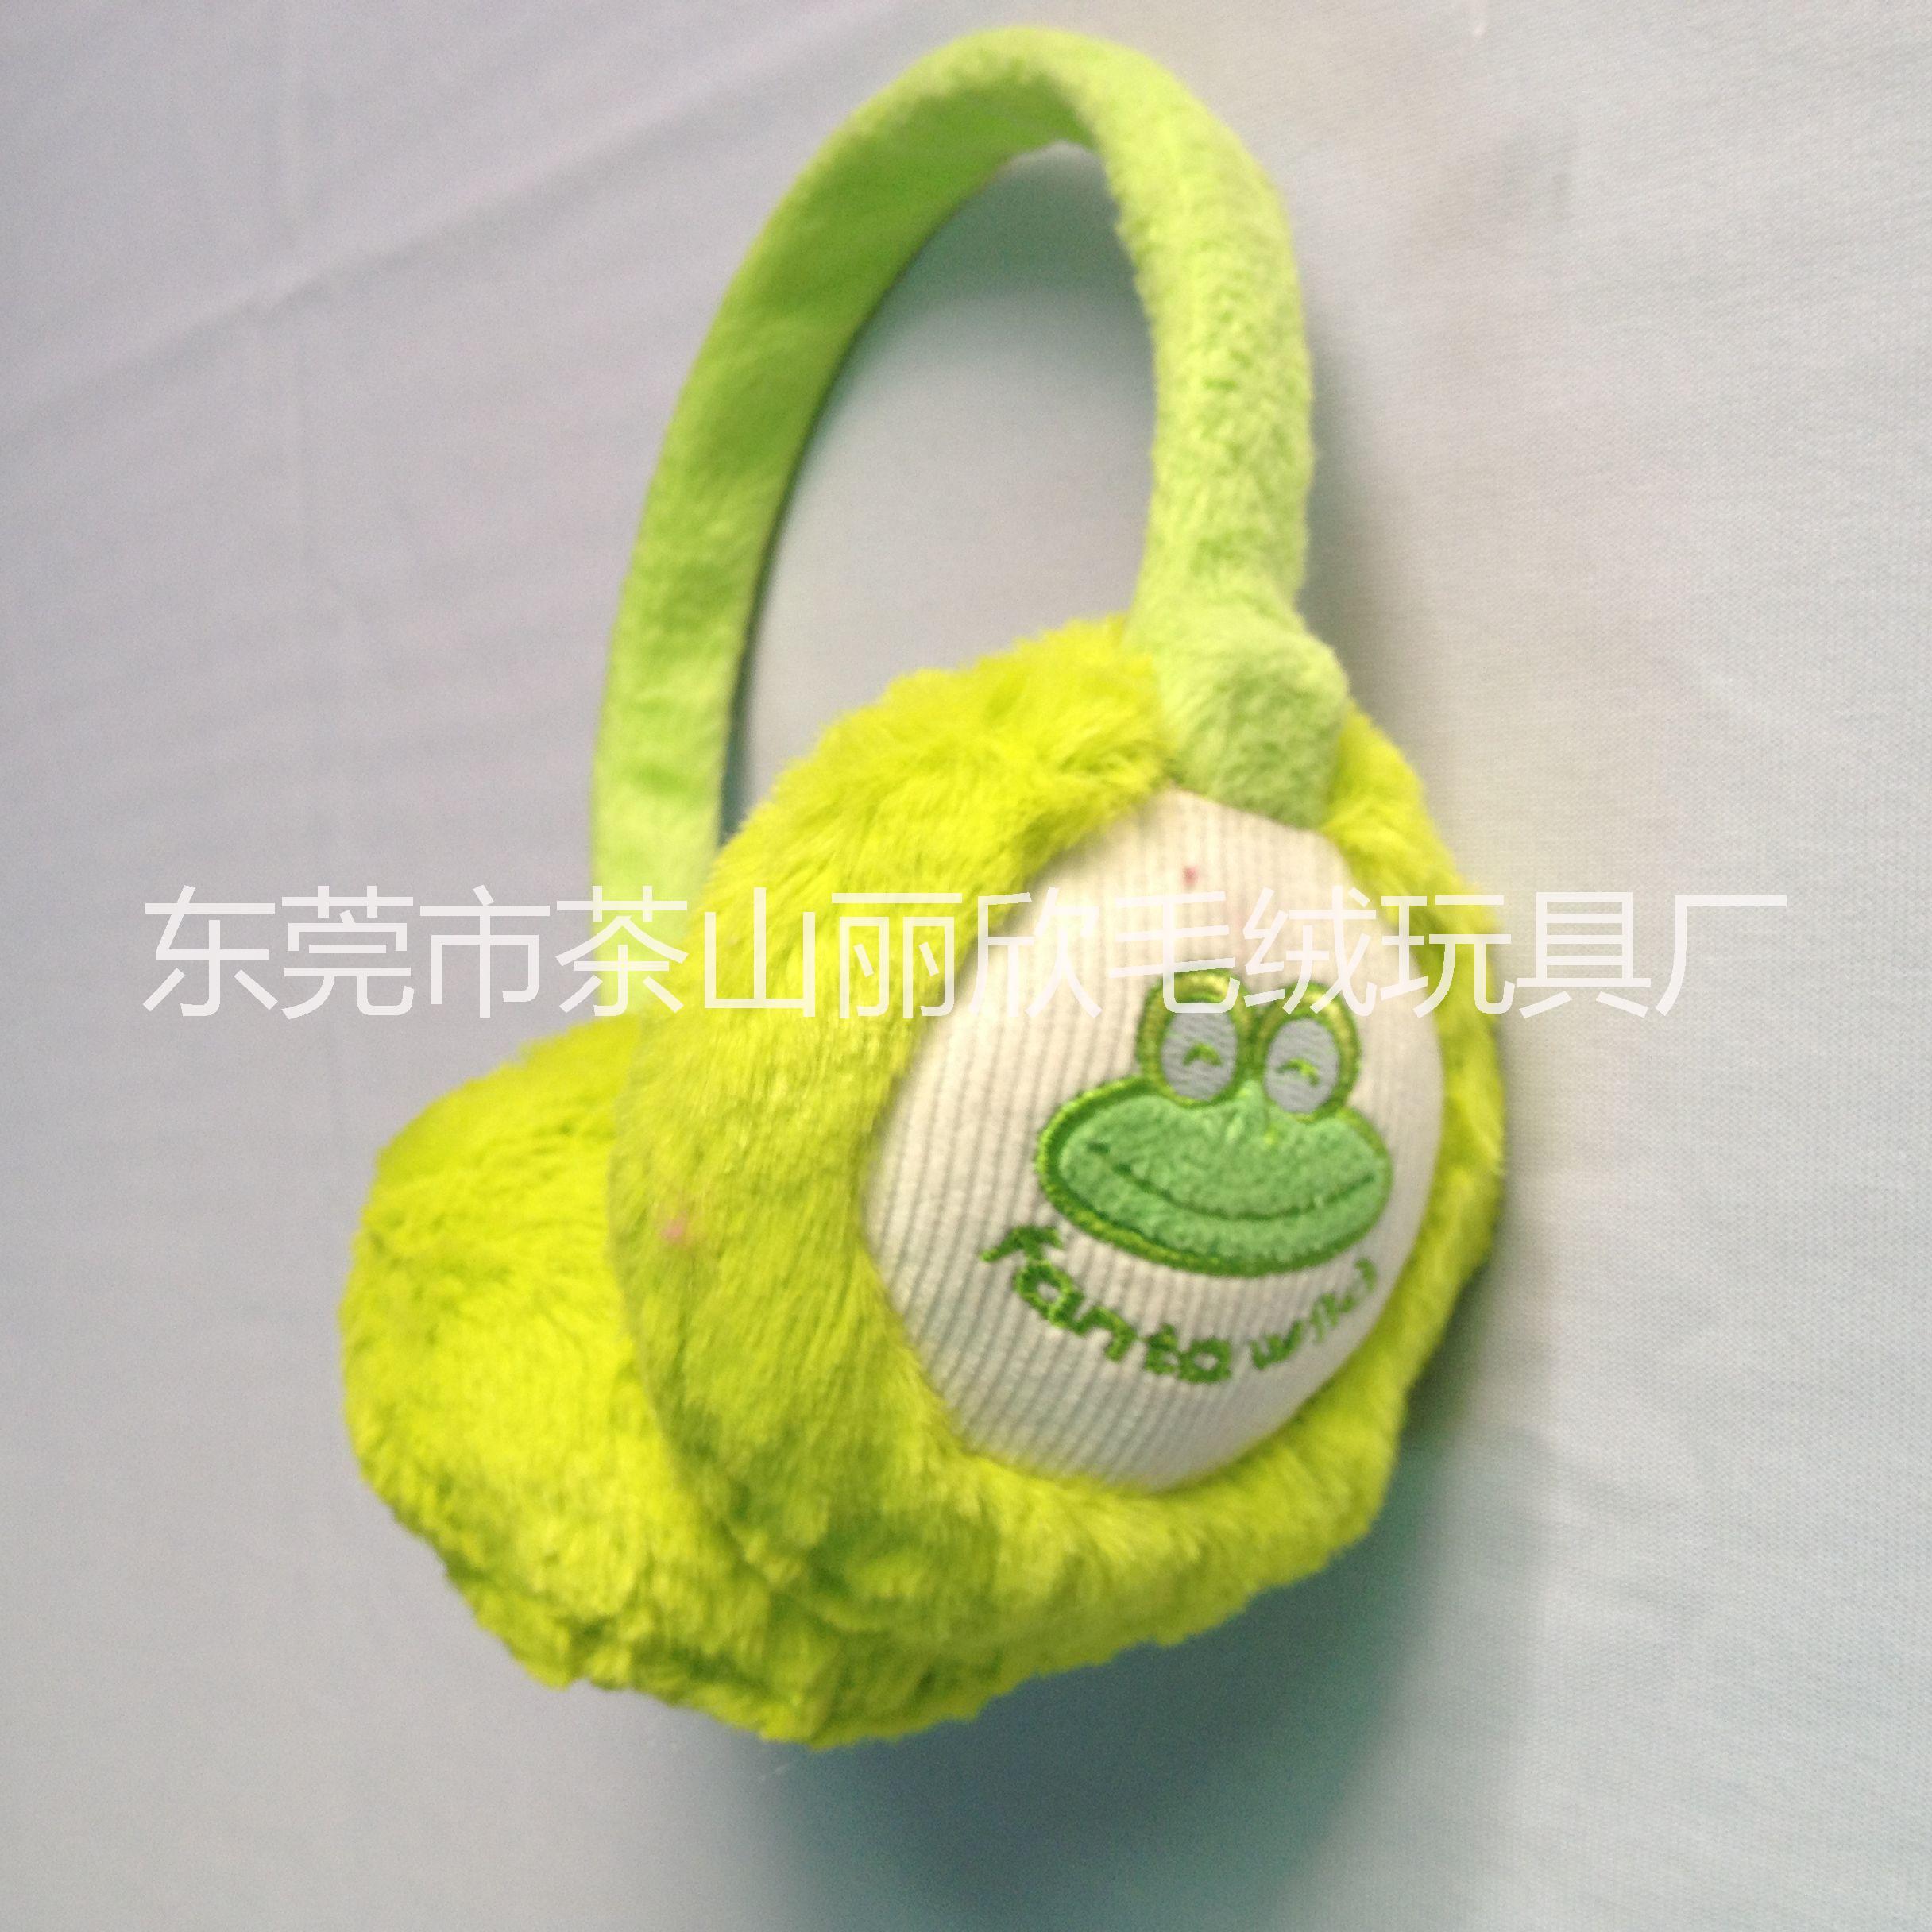 毛绒公仔厂家提供毛绒护耳套定做   卡通毛绒护耳套定制加工